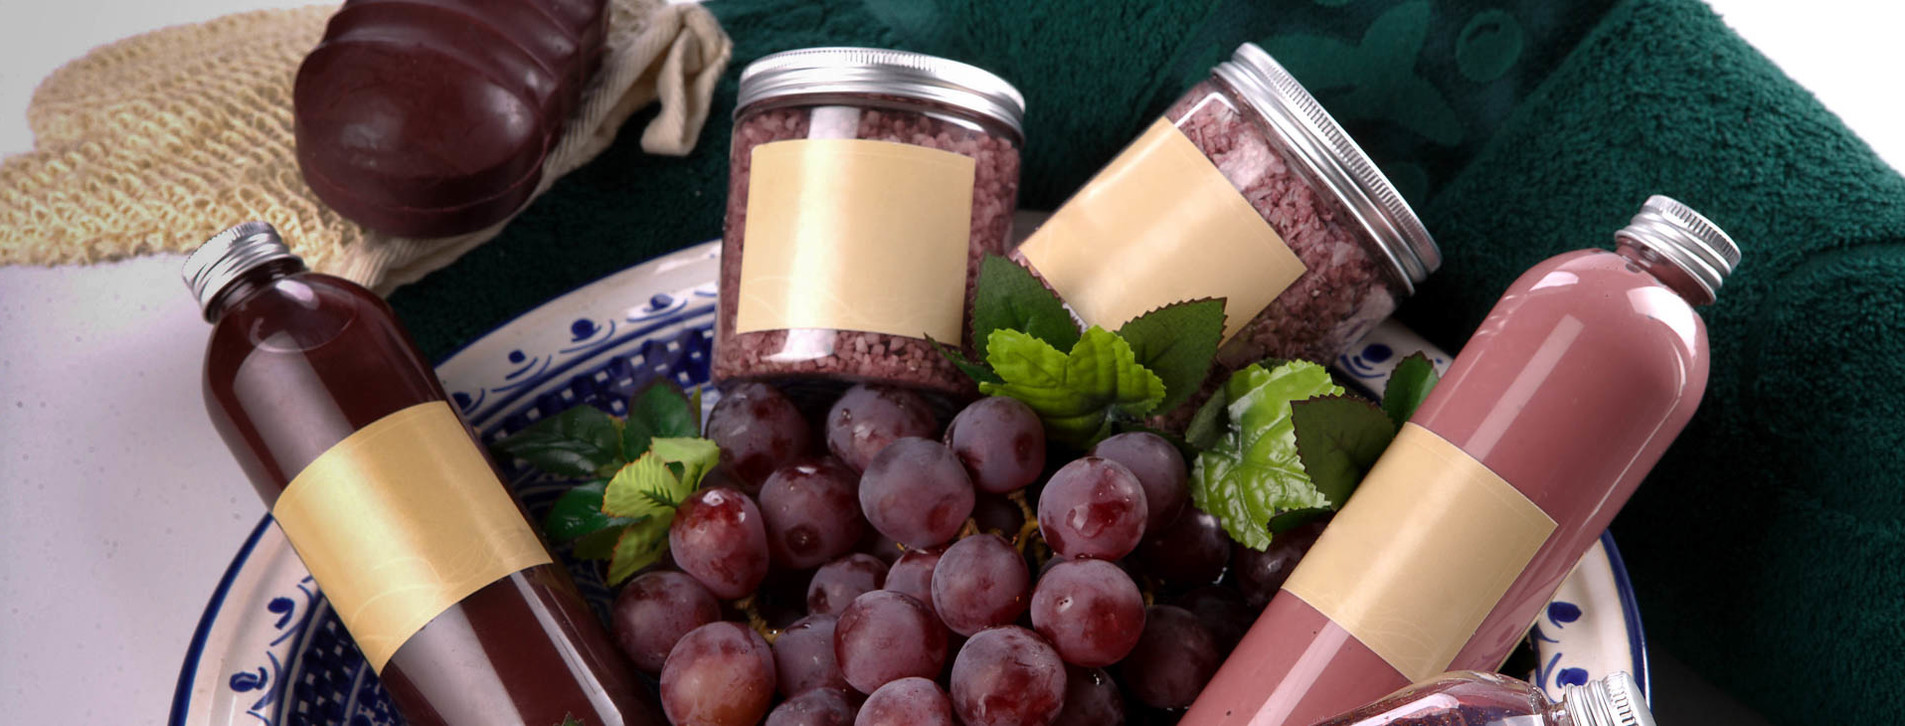 Фото - Виноградное обертывание